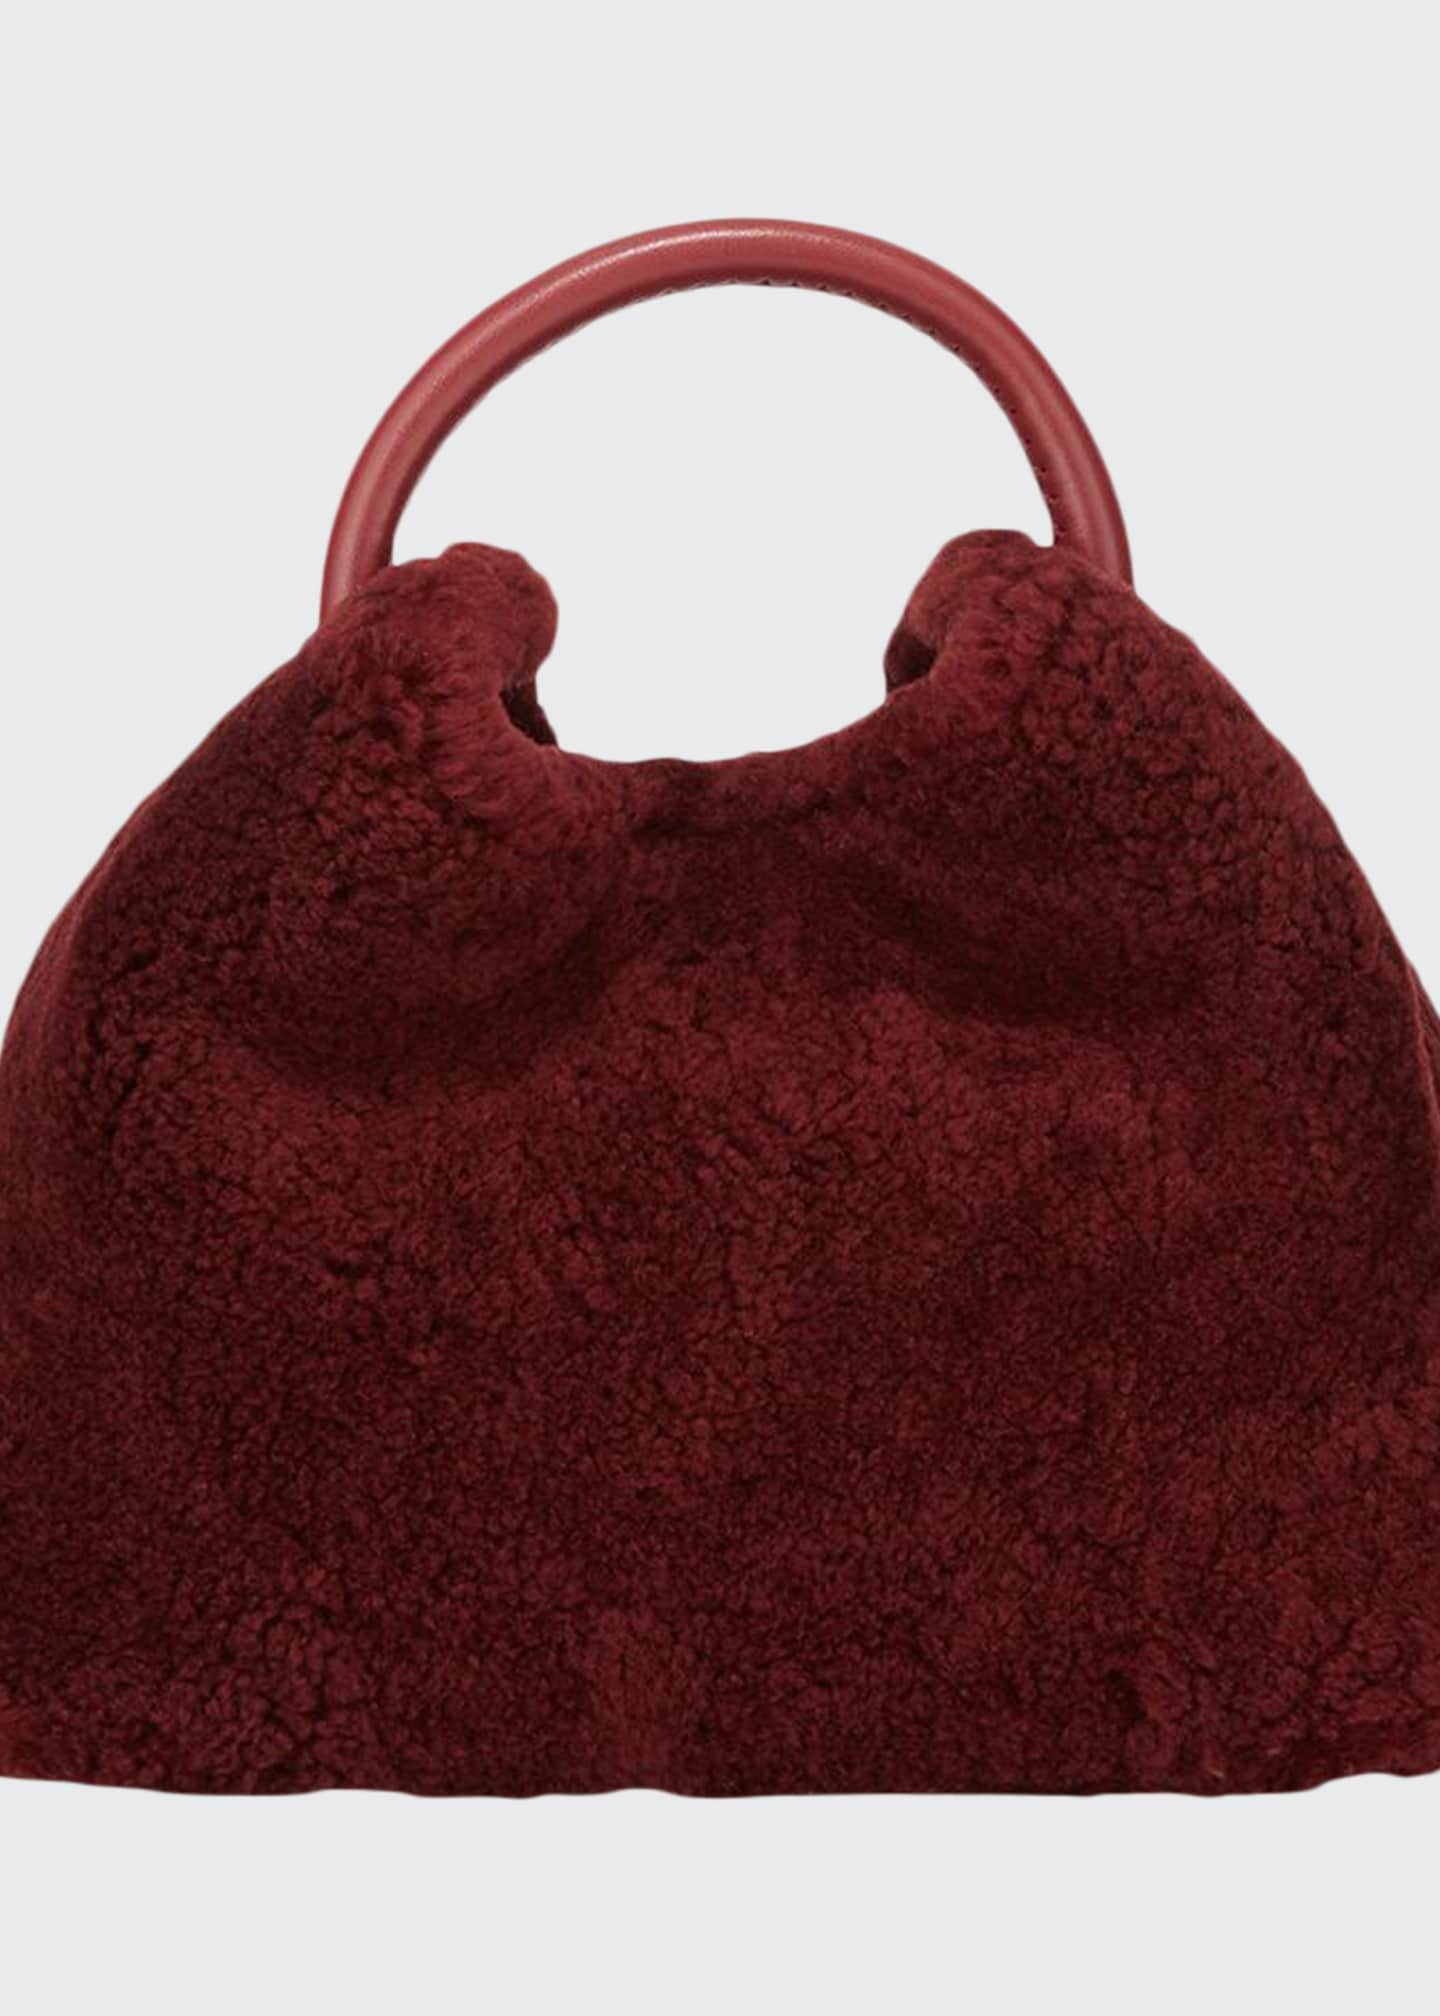 Elleme Baozi Shearling Bucket Bag